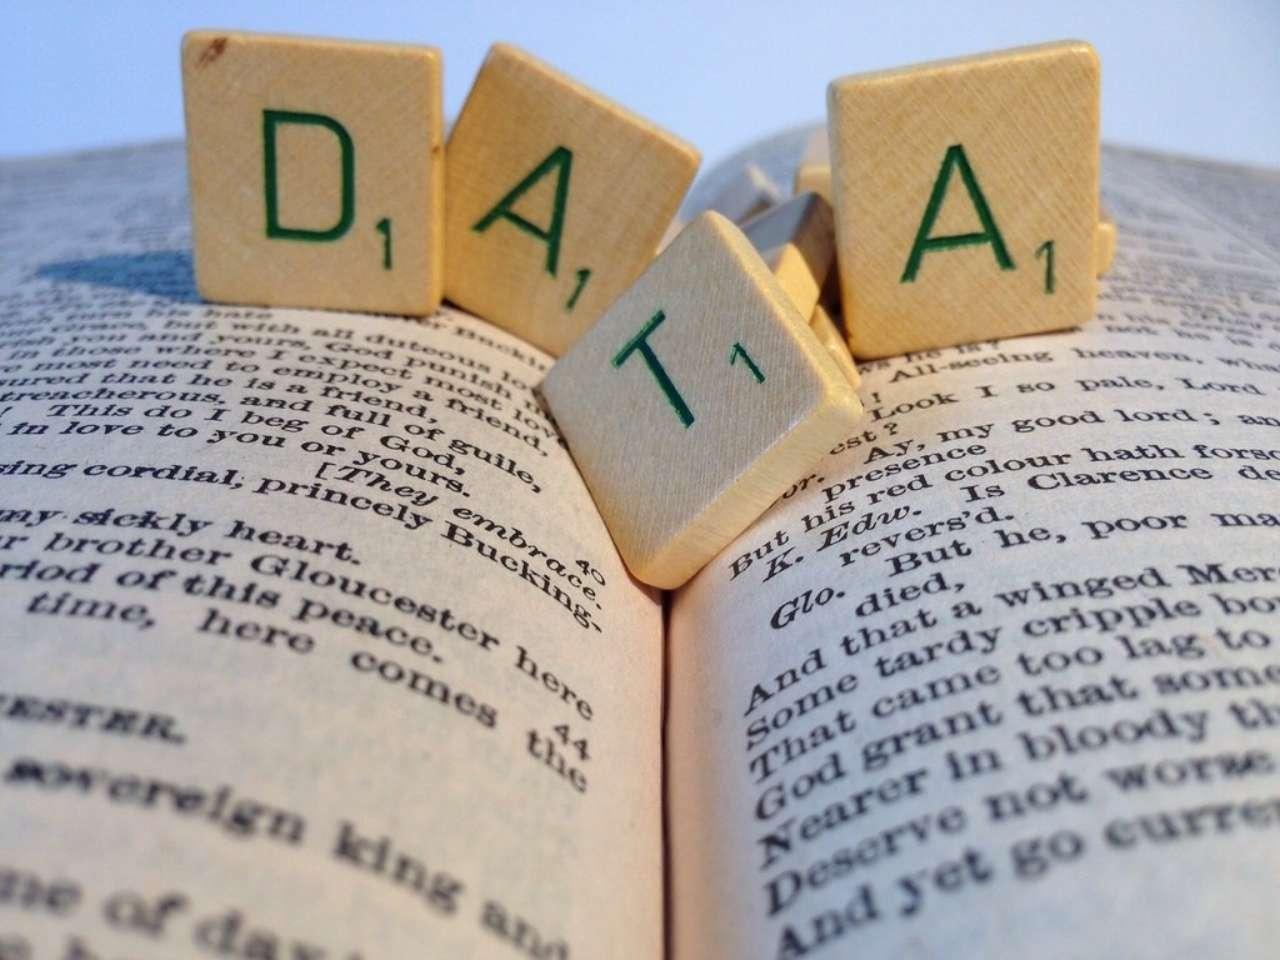 Une bonne stratégie Inbound Marketing implique une analyse permanente des données